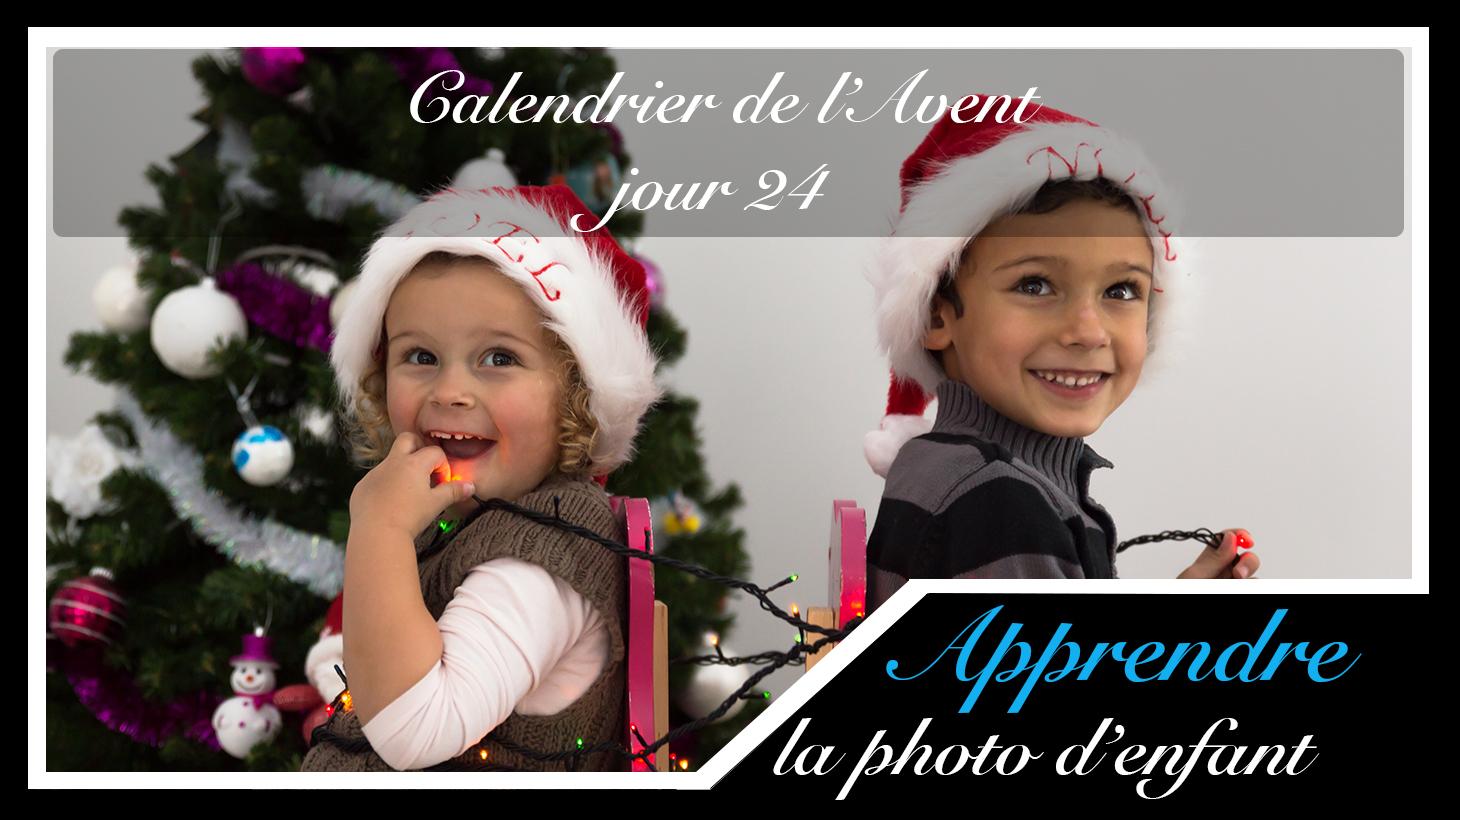 Jour 24 – Calendrier de l'Avent spécial Photo d'enfant